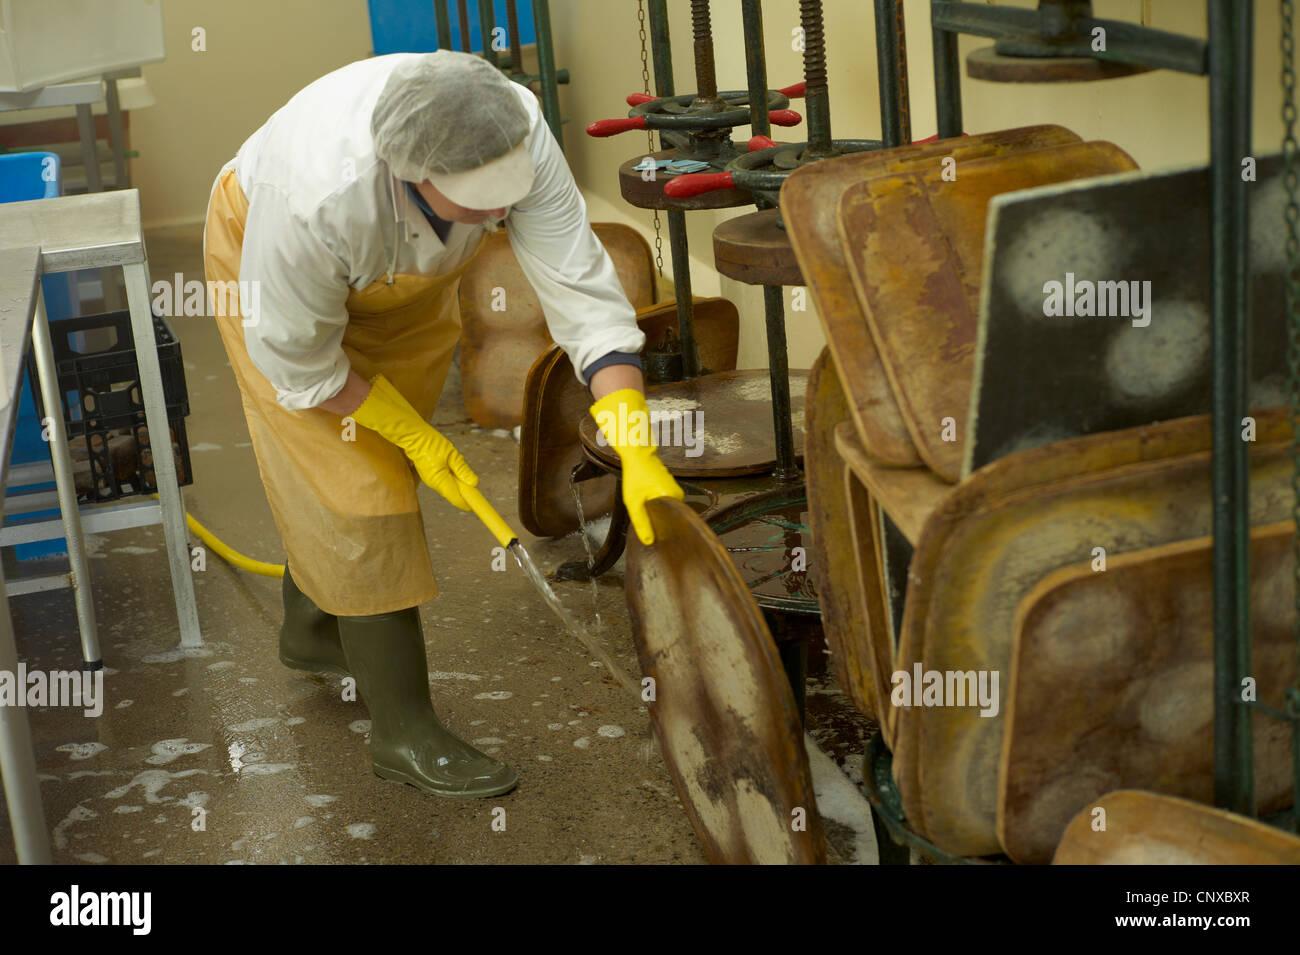 k se machen bei curworthy farm devon reinigung der k se press stockfoto bild 47908639 alamy. Black Bedroom Furniture Sets. Home Design Ideas